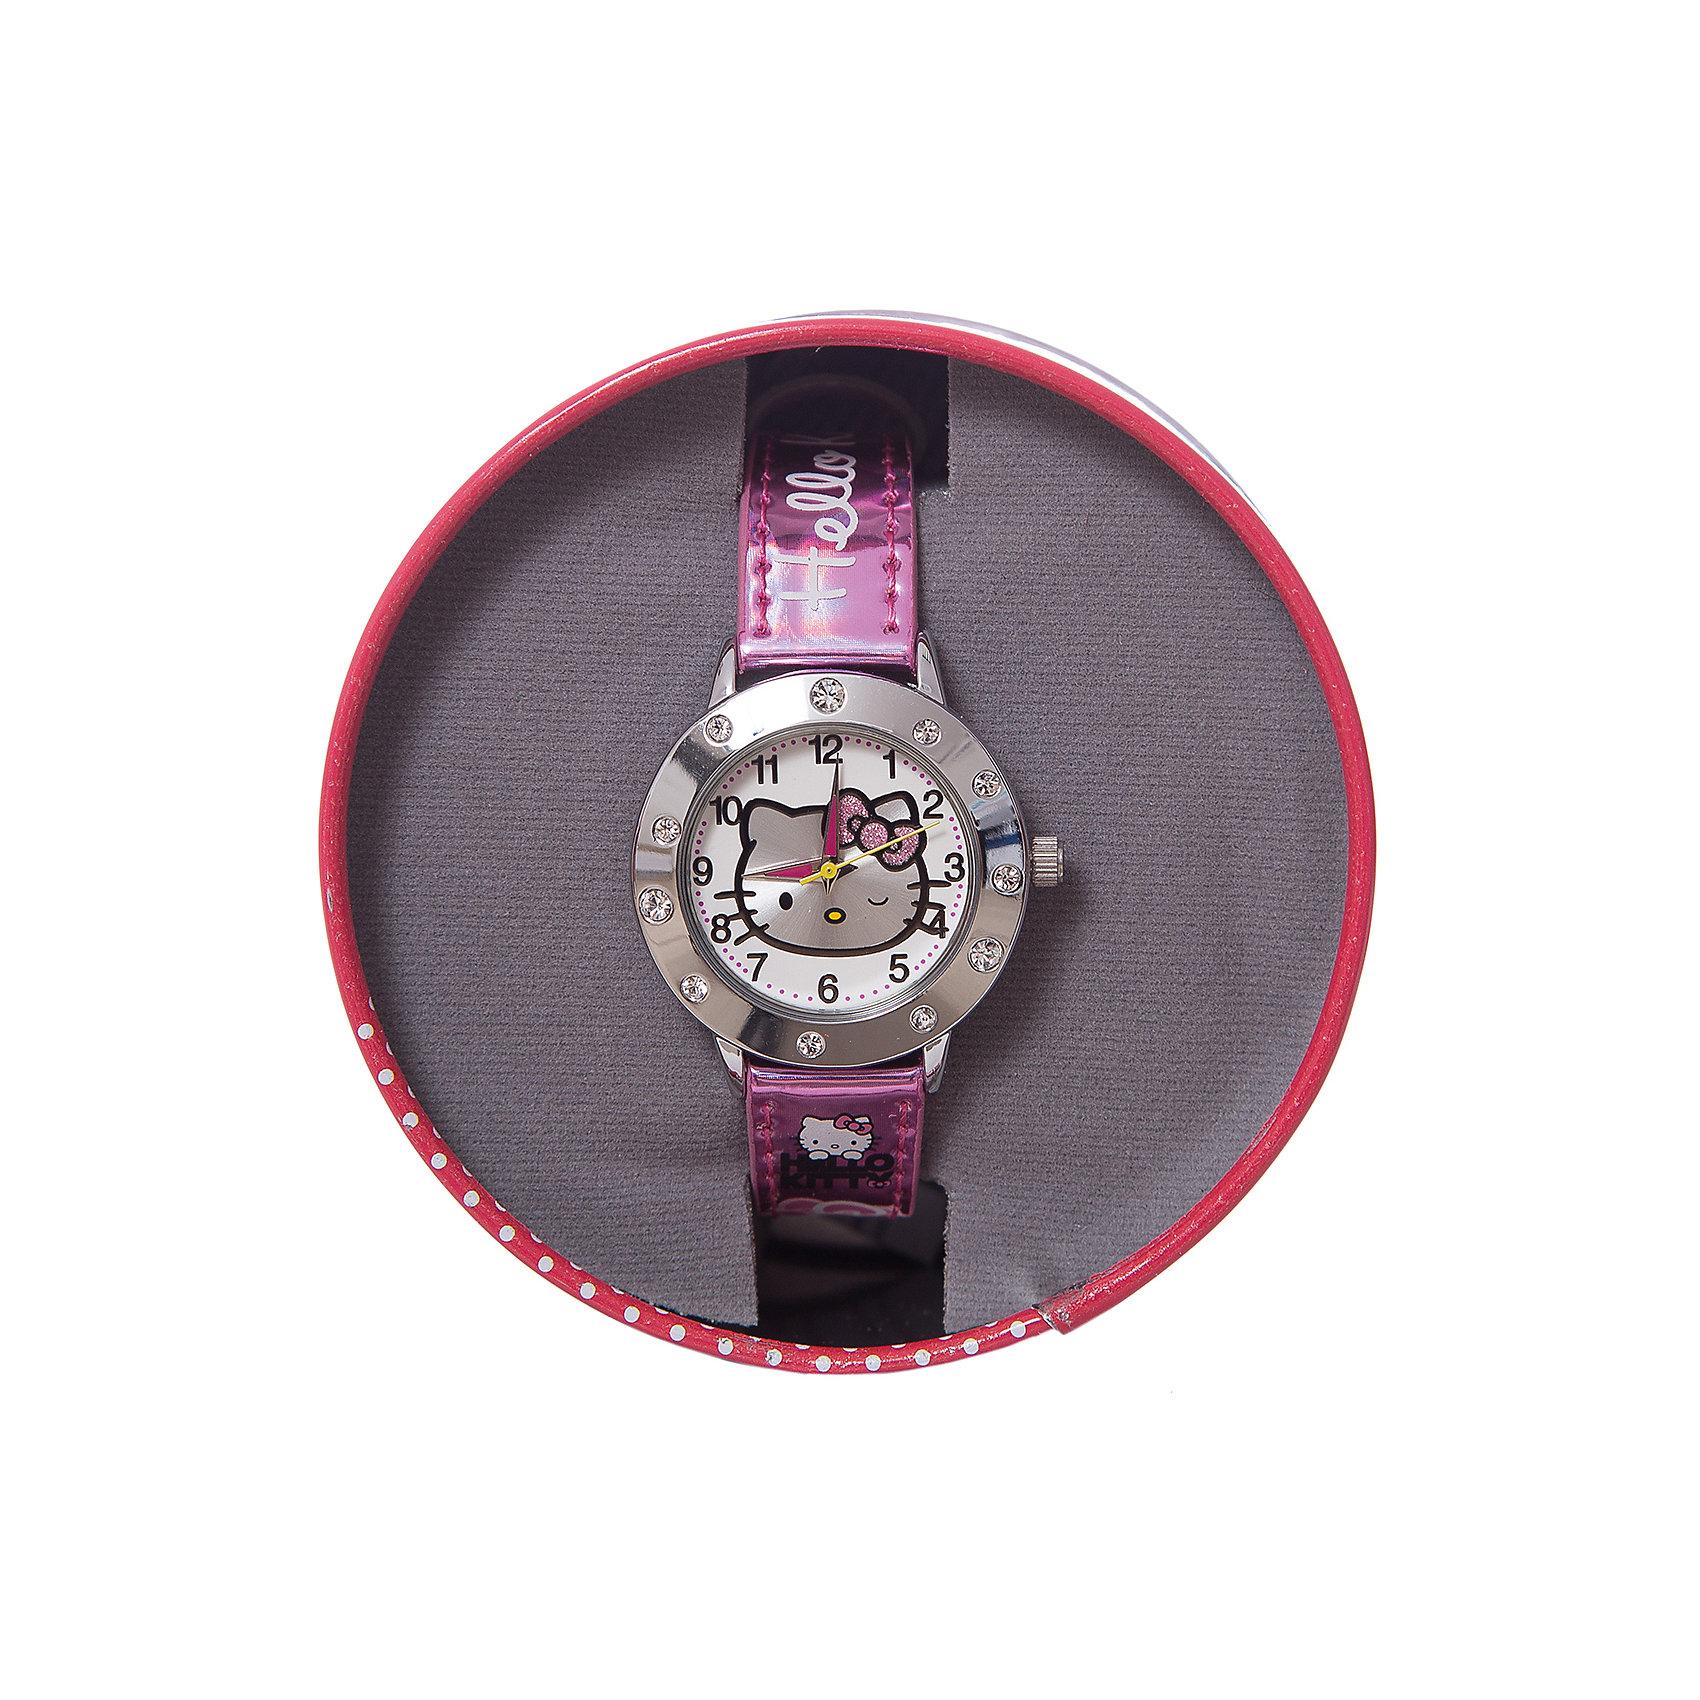 Часы наручные аналоговые, Hello KittyHello Kitty<br>Эксклюзивные наручные аналоговые часы торговой марки Hello Kitty выполнены по индивидуальному дизайну ООО «Детское Время» и лицензии компании Sanrio. Обилие деталей - декоративных элементов (страз, мерцающих ремешков), надписей,  уникальных изображений - делают изделие тщательно продуманным творением мастеров. Часы имеют высококачественный японский кварцевый механизм и отличаются надежностью и точностью хода. Часы водоустойчивы и обладают достаточной герметичностью, чтобы спокойно перенести случайный и незначительный контакт с жидкостями (дождь, брызги), но они не предназначены для плавания или погружения в воду. Циферблат защищен от повреждений прочным минеральным стеклом. Корпус часов выполнен из стали,  задняя крышка из нержавеющей стали. Материал браслета: искусственная кожа. Единица товара упаковывается в стильную подарочную коробочку. Неповторимый стиль с изобилием насыщенных и в тоже время нежных гамм; надежность и прочность изделия позволяют говорить о нем только в превосходной степени!<br><br>Ширина мм: 55<br>Глубина мм: 10<br>Высота мм: 250<br>Вес г: 29<br>Возраст от месяцев: 36<br>Возраст до месяцев: 72<br>Пол: Женский<br>Возраст: Детский<br>SKU: 5529337